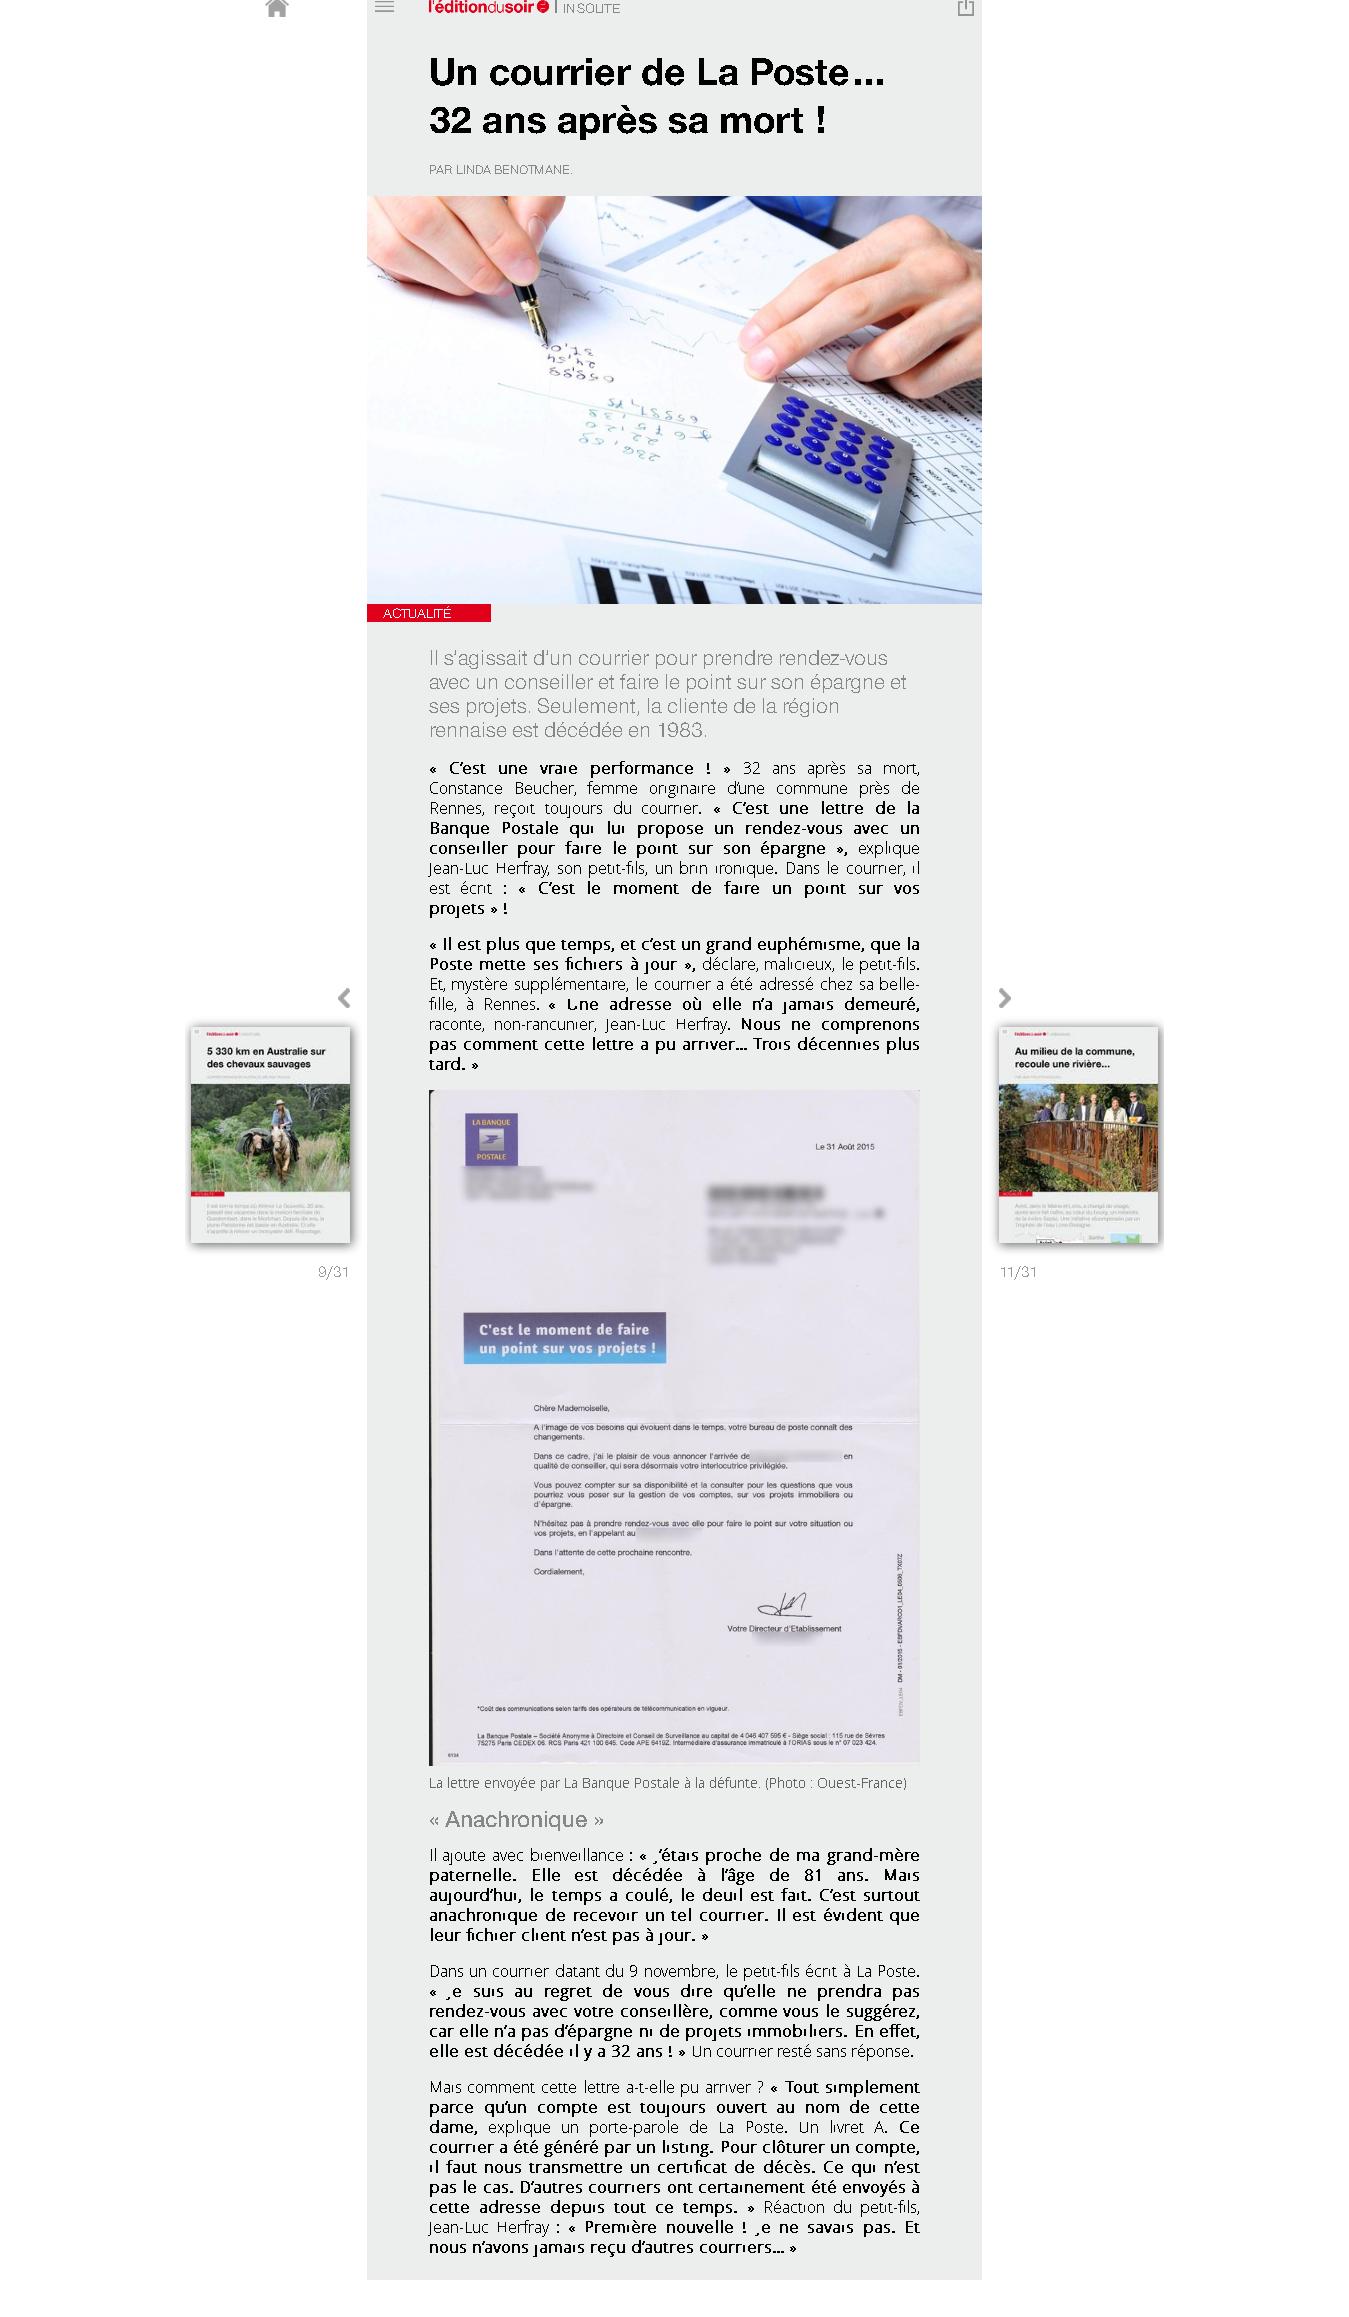 Un courrier de La Poste… 32ans après sa mort! - Edition du soir Ouest France - 17_11_2015